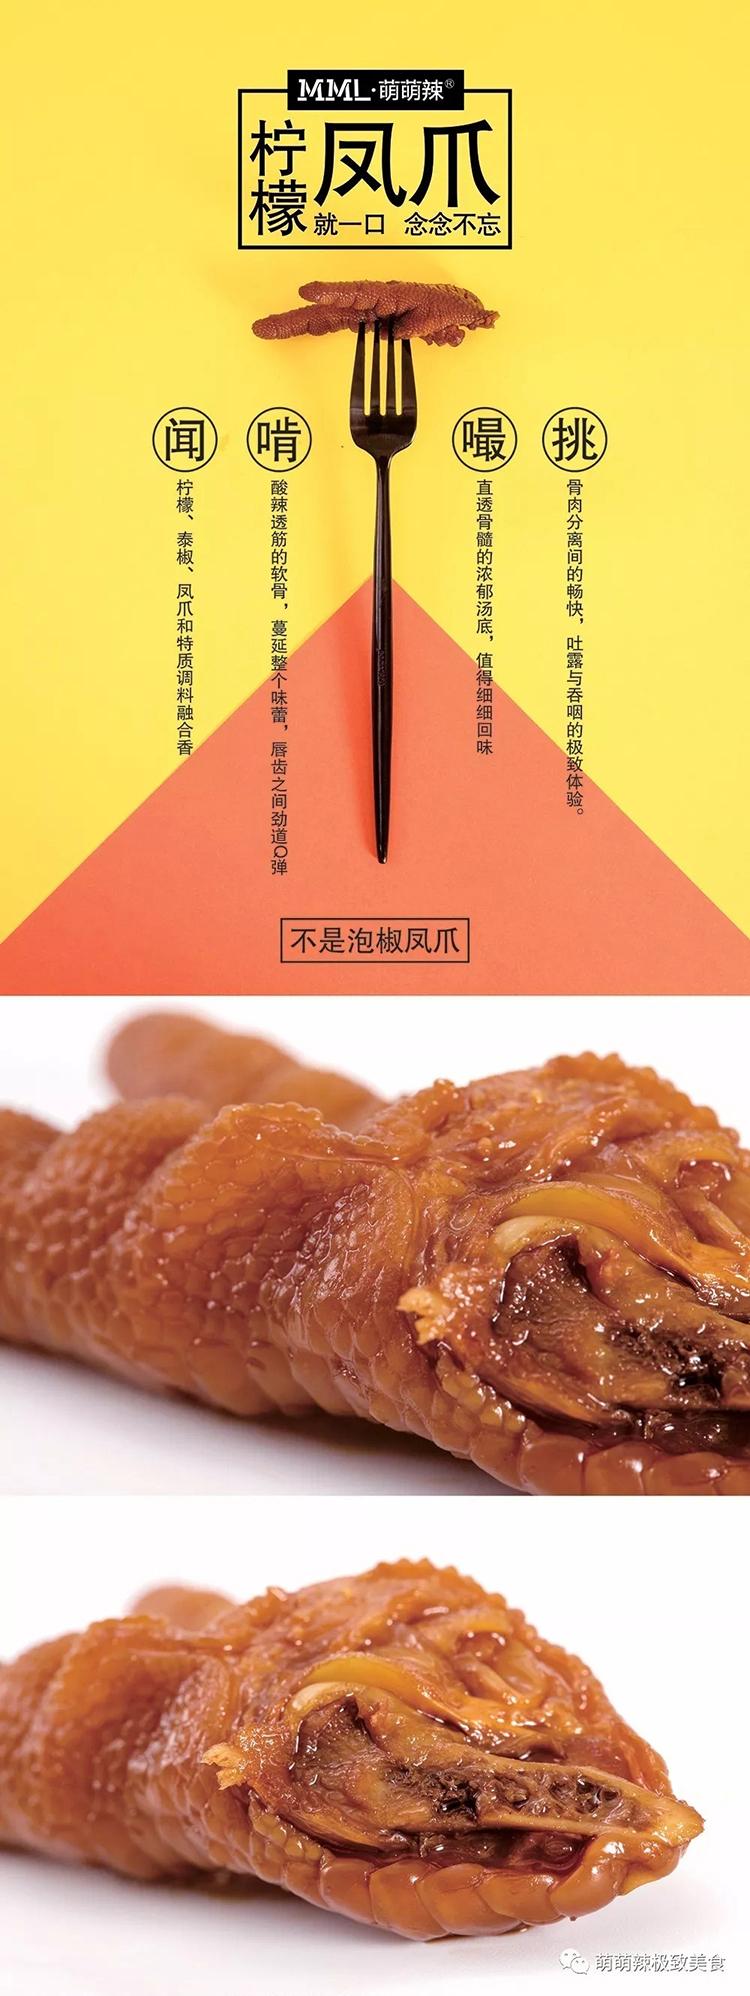 卤味摄影_鸡爪摄影_小吃摄影_美食摄影_乌铁茶集5-1